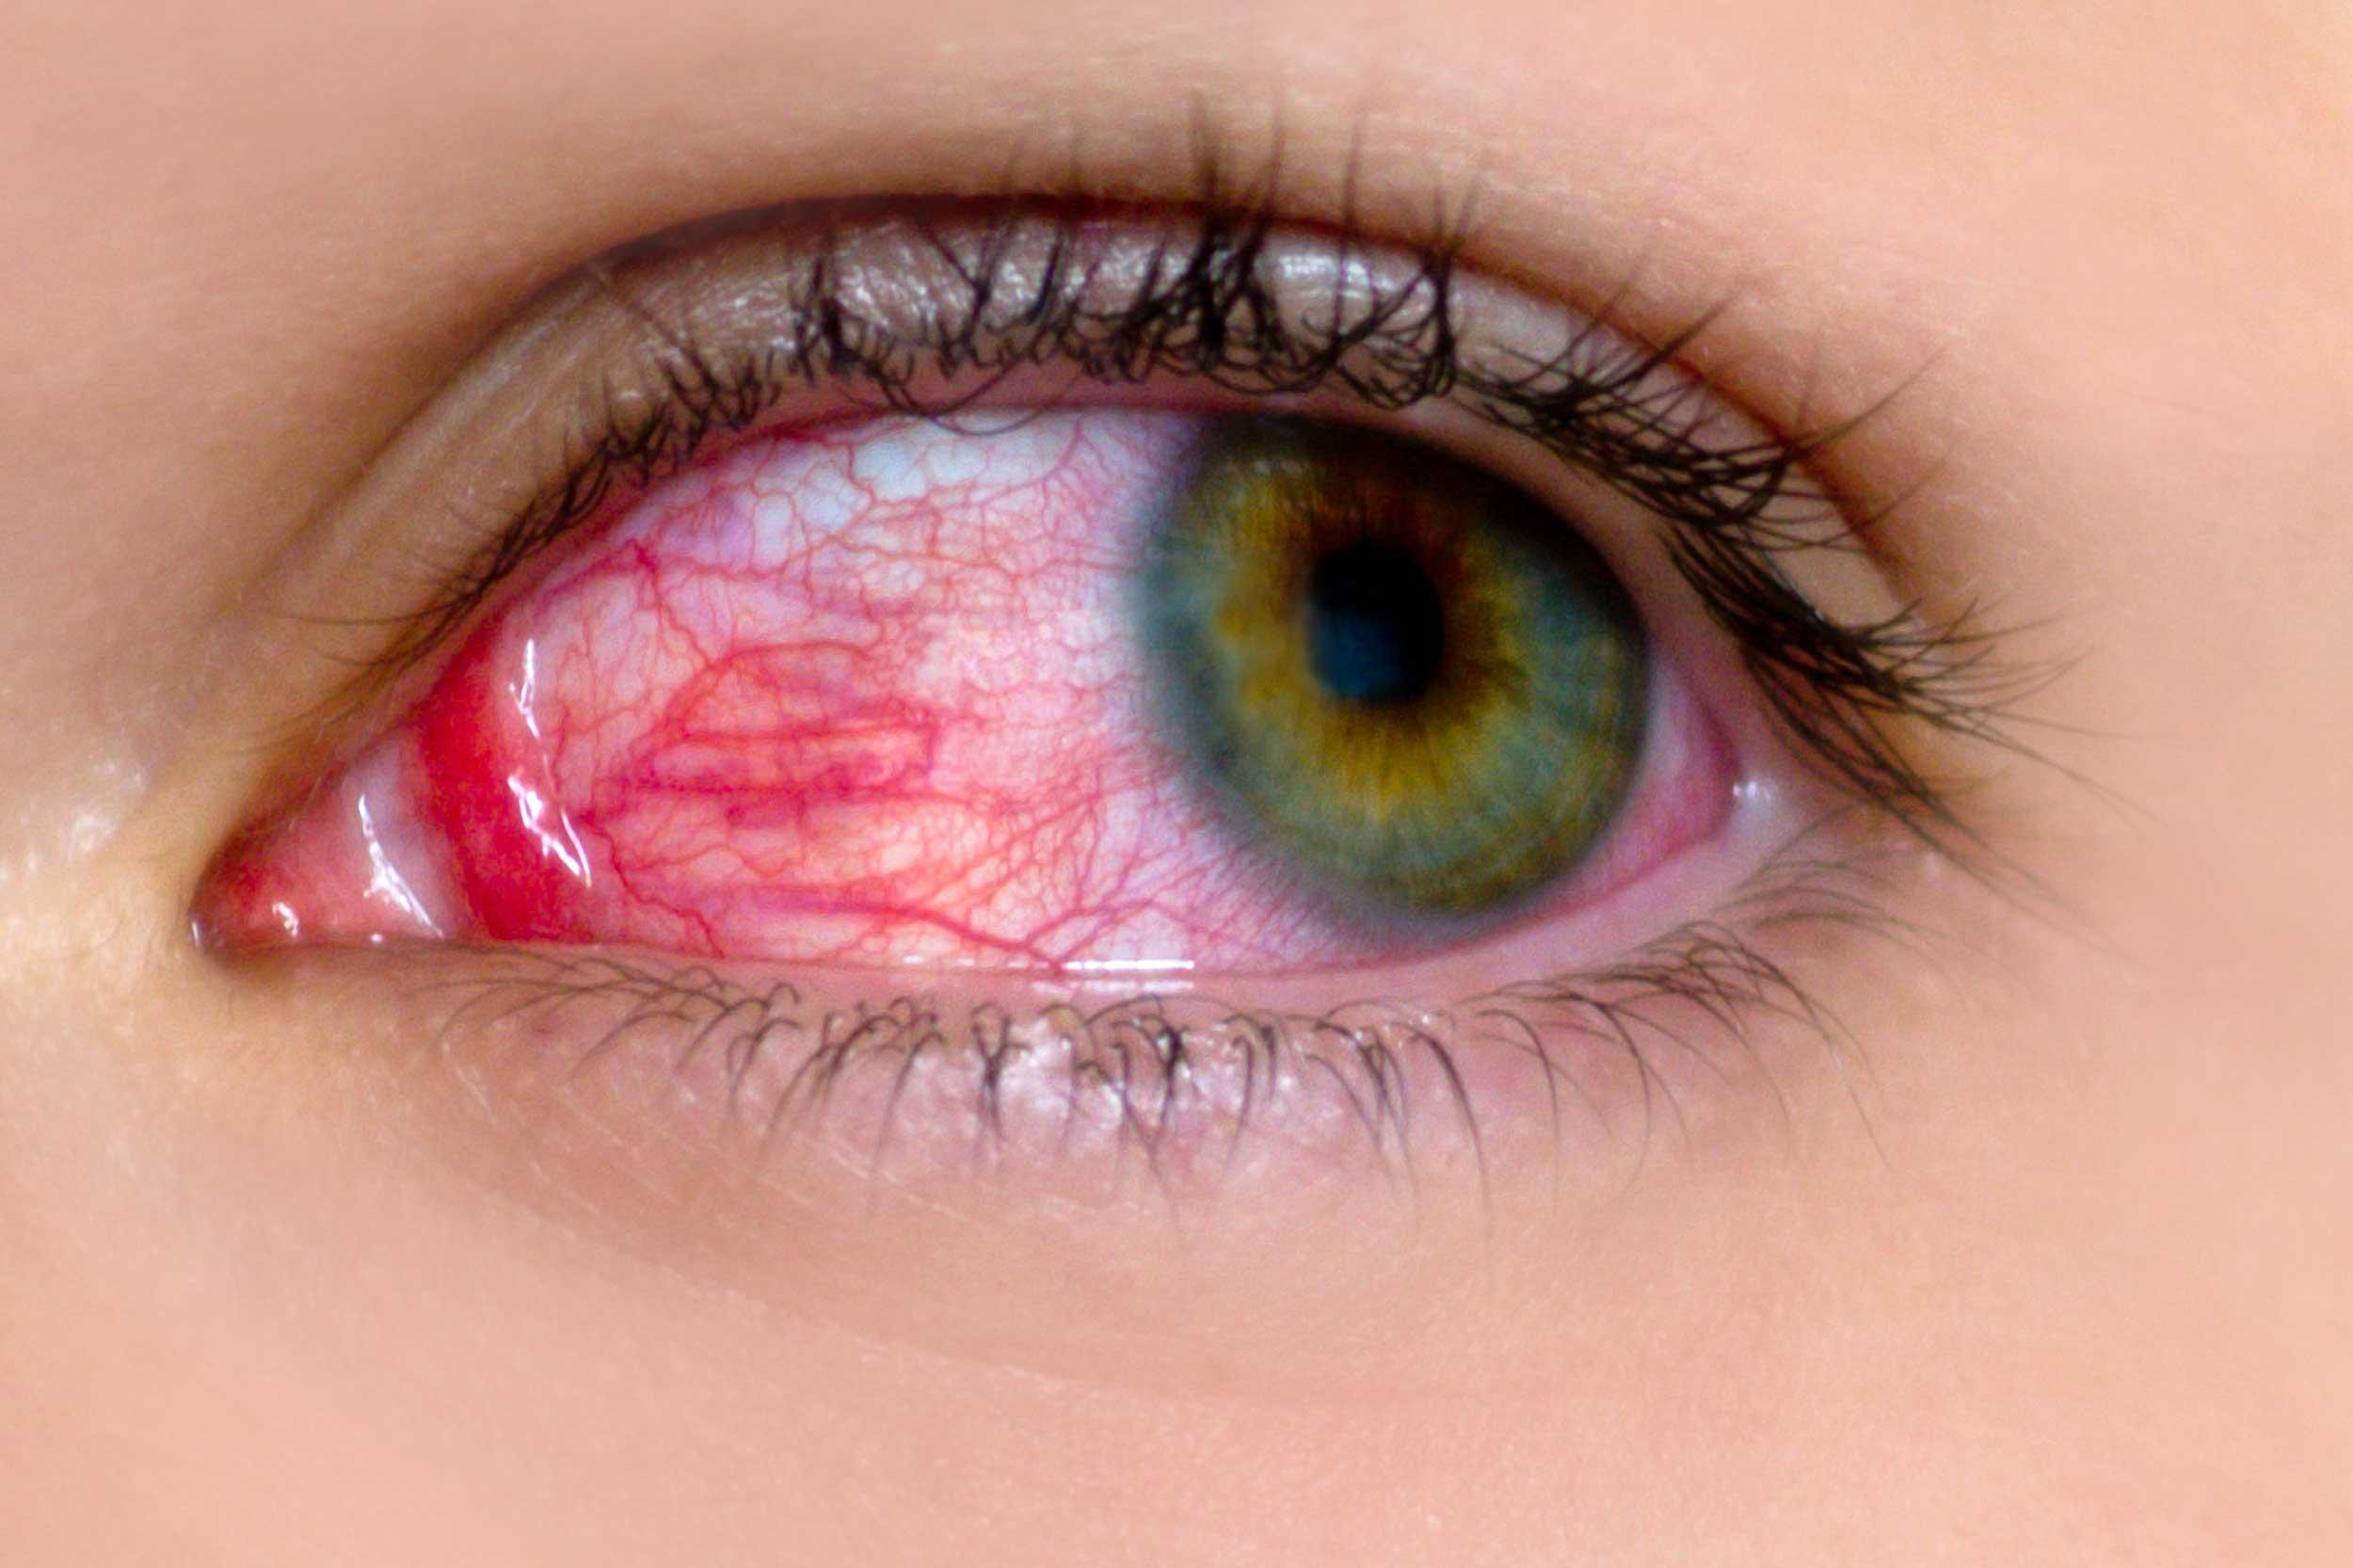 Как убрать красноту глаз - медицинские препараты и народные рецепты oculistic.ru как убрать красноту глаз - медицинские препараты и народные рецепты